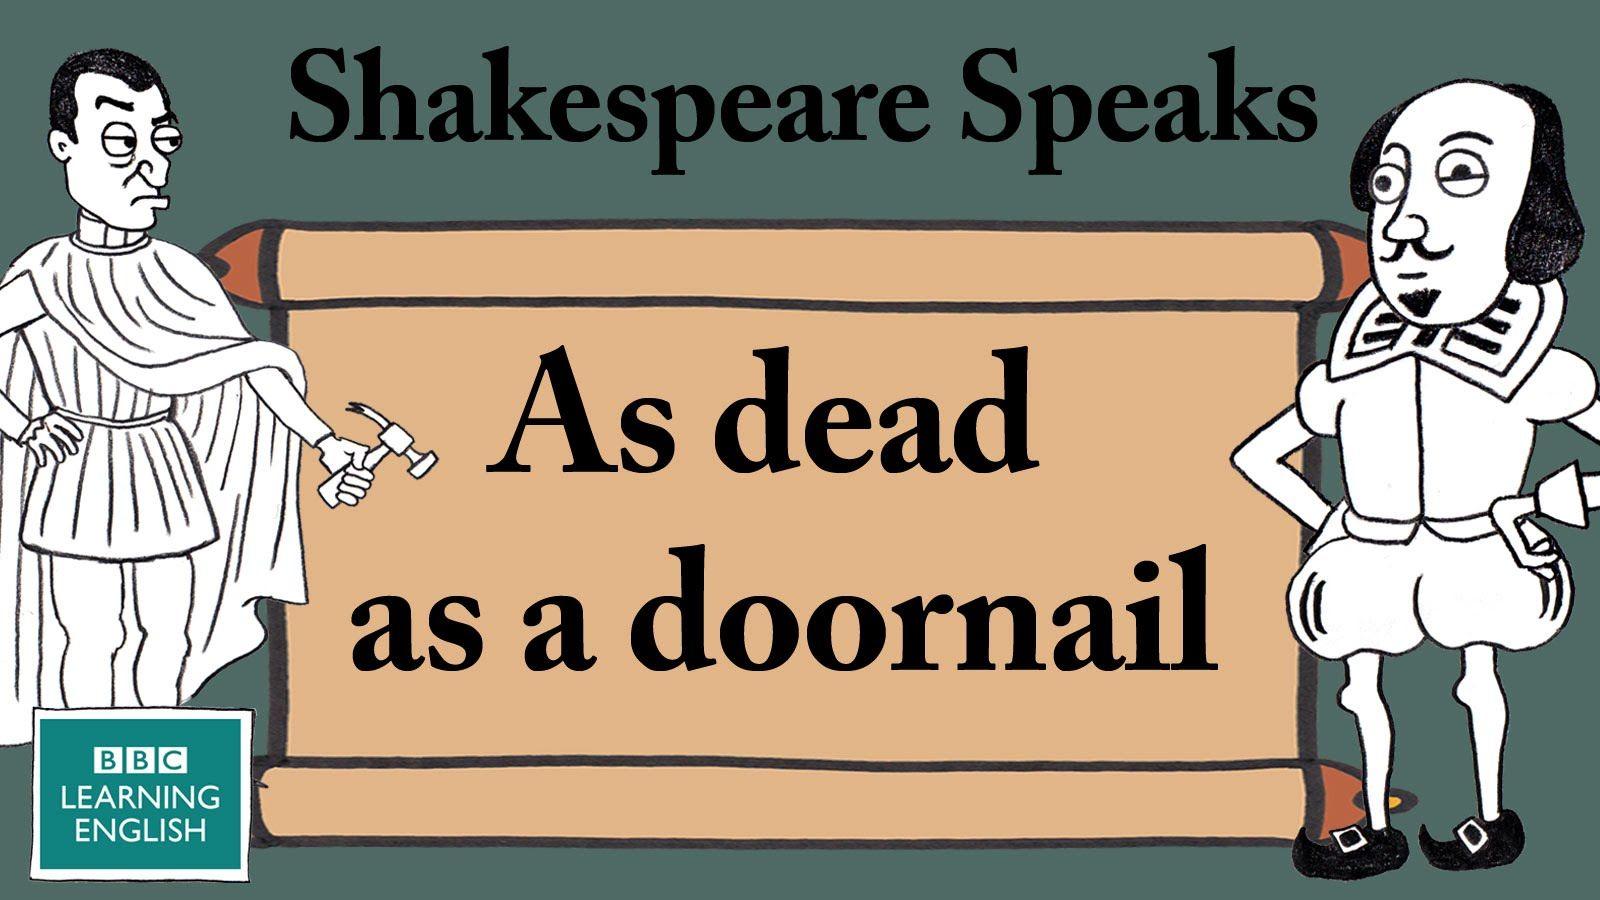 As dead as a doornail - Shakespeare Speaks | Shakespeare Speaks ...